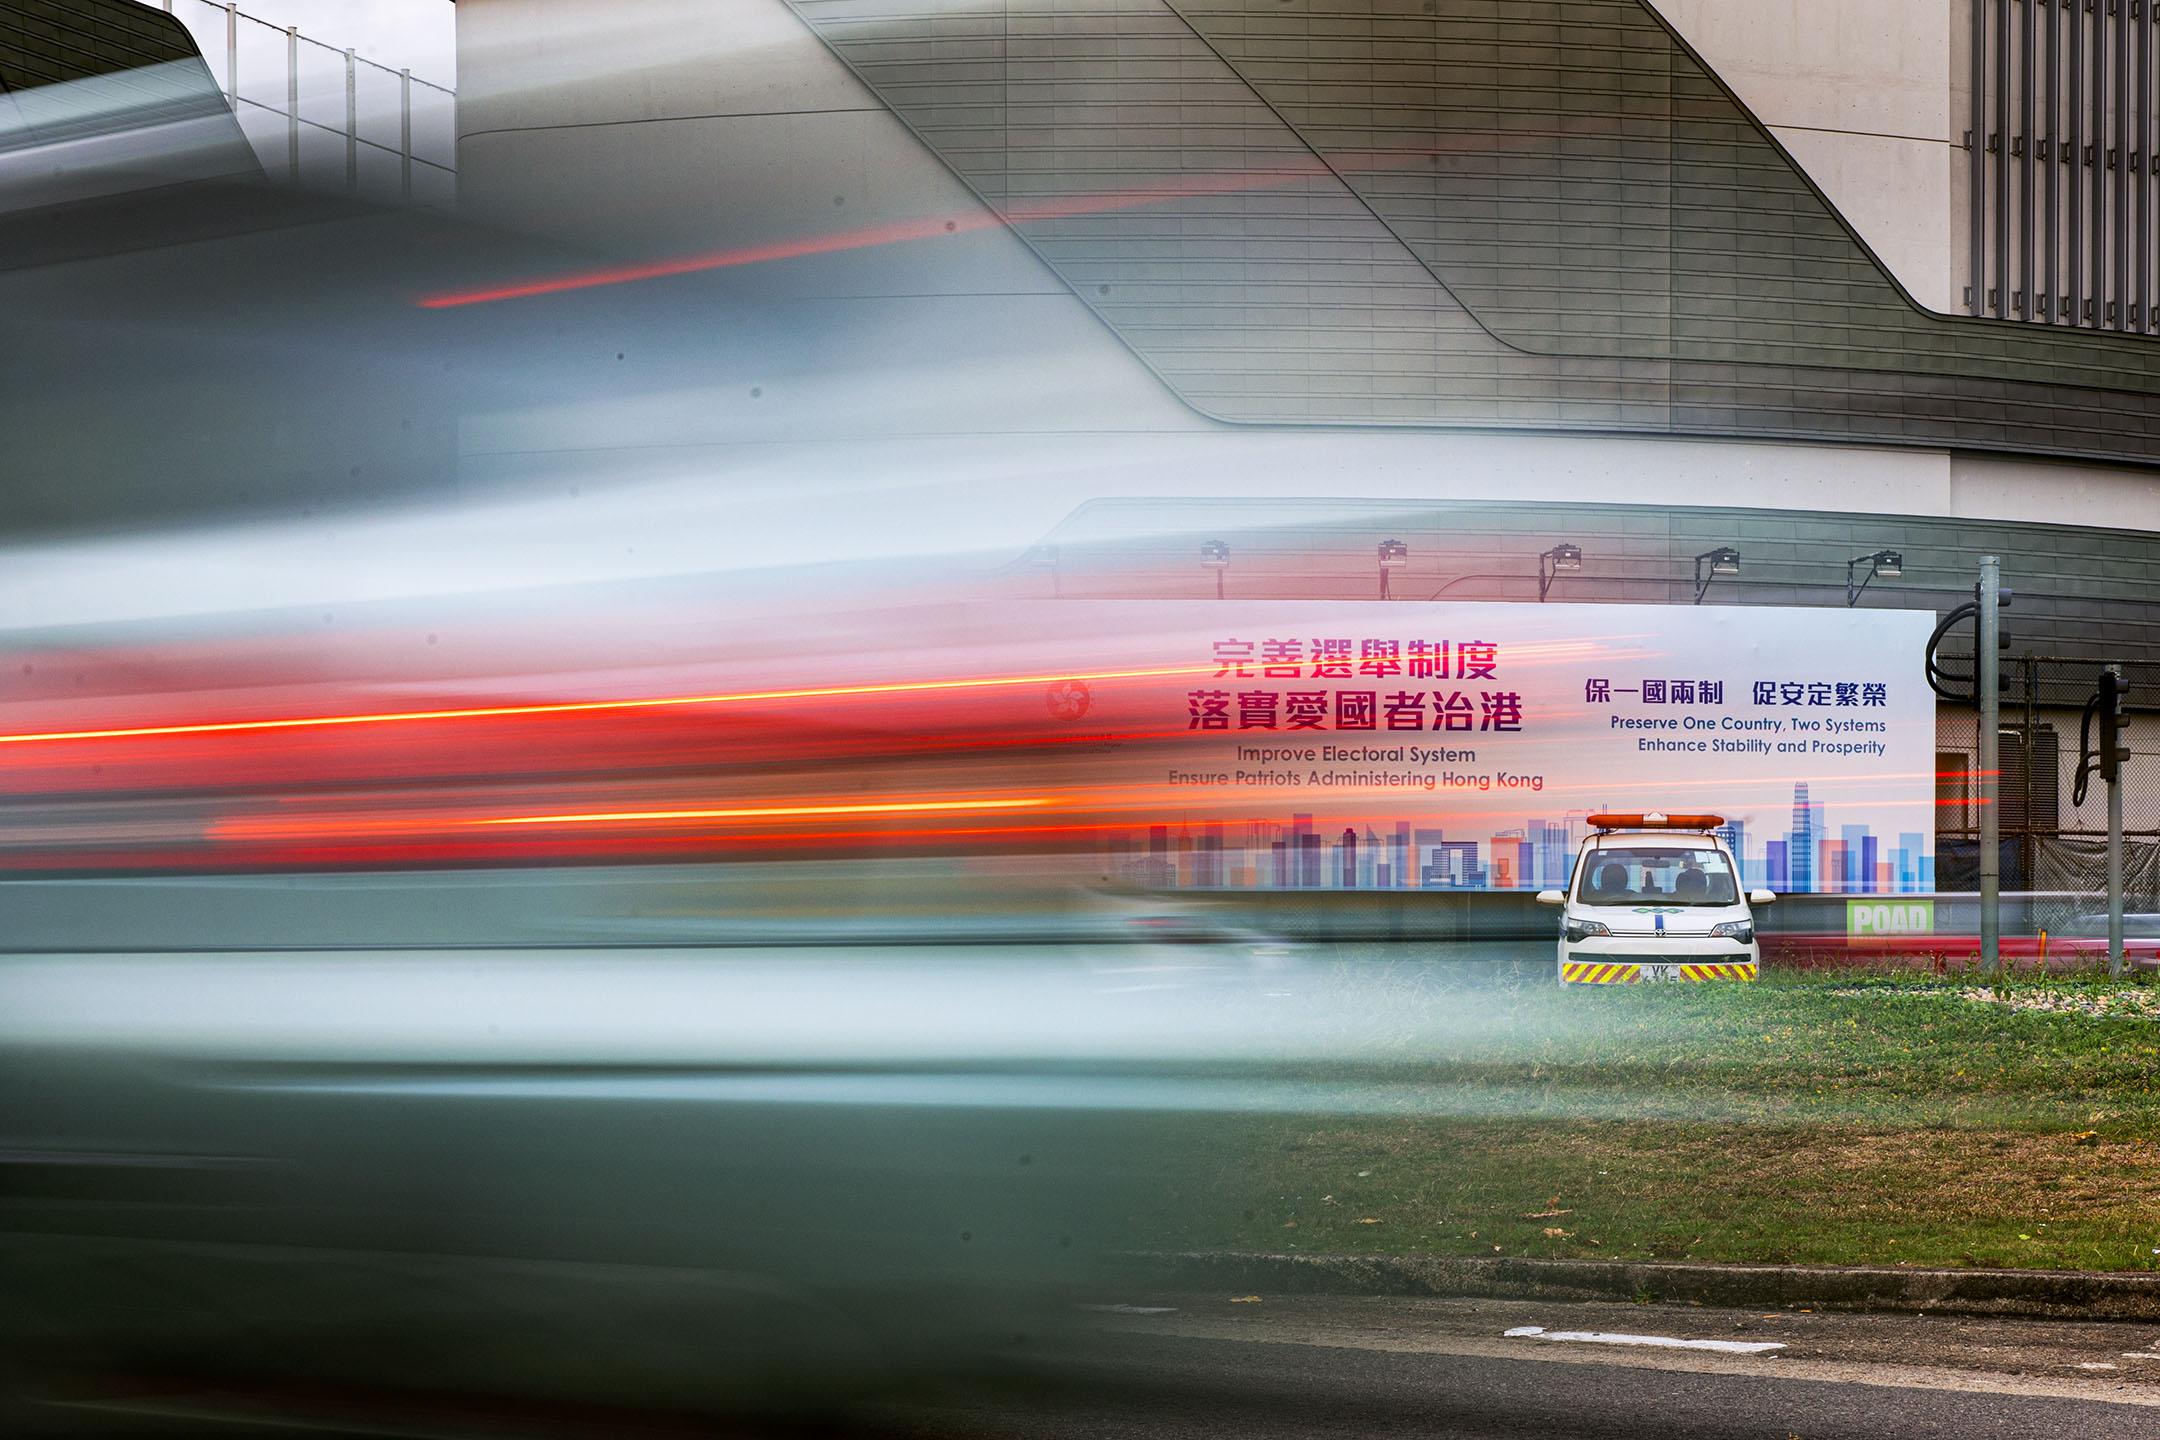 2021年3月29日香港,海底隧道旁有關改變香港選舉制度的宣傳牌。 攝:陳焯煇/端傳媒